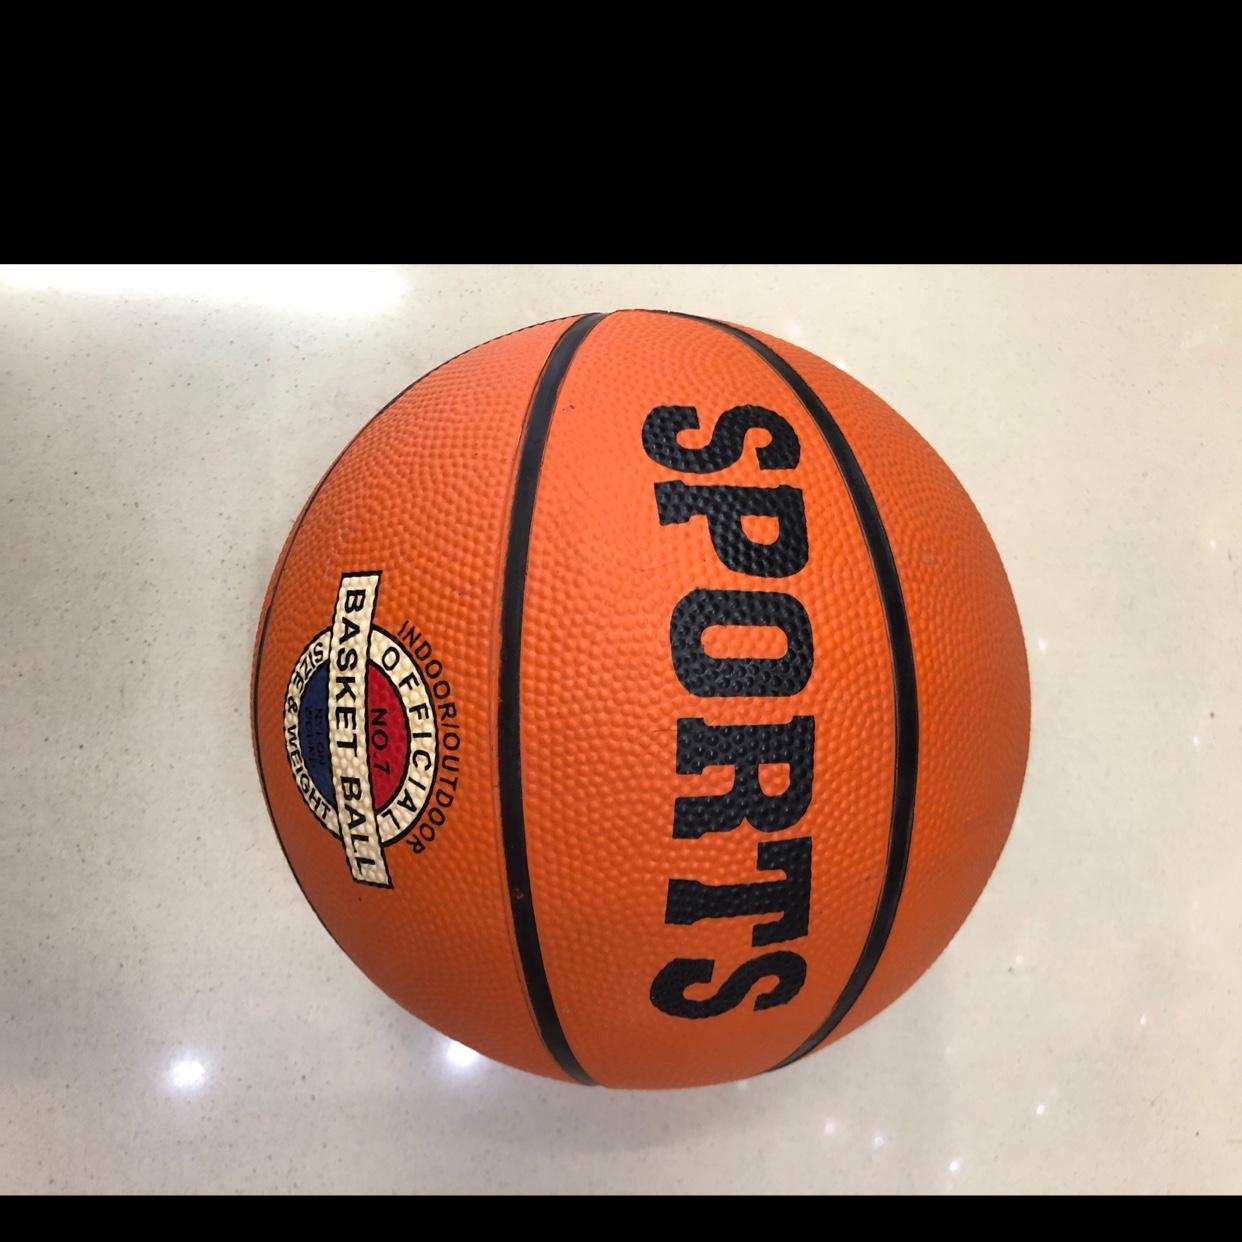 厂家直销7号橡胶篮球